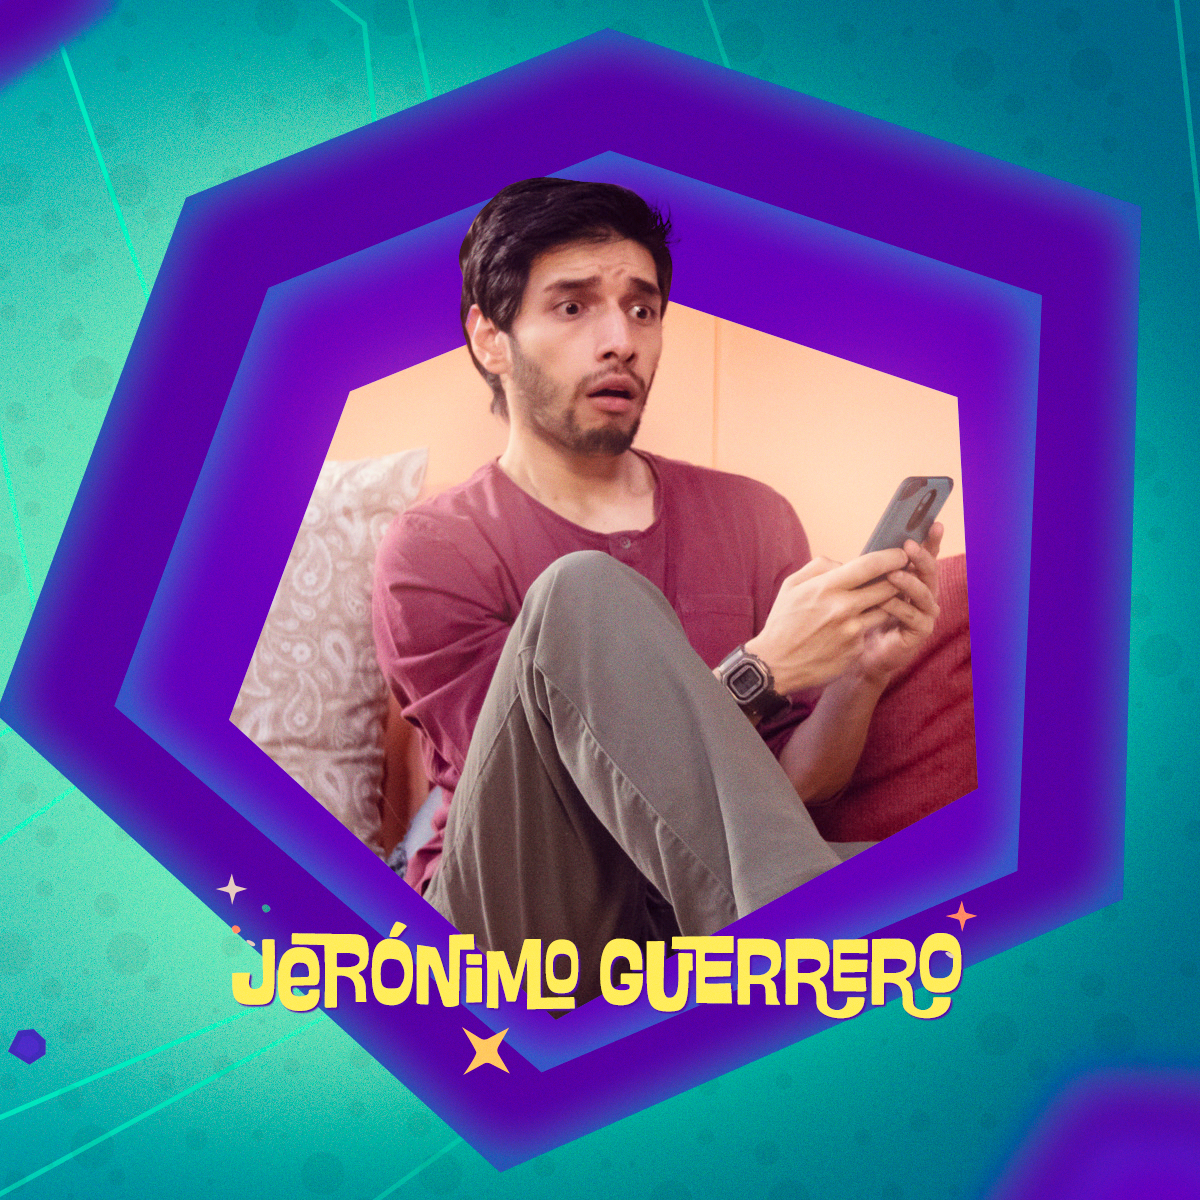 Territorio Mágico - Jerónimo Guerrero